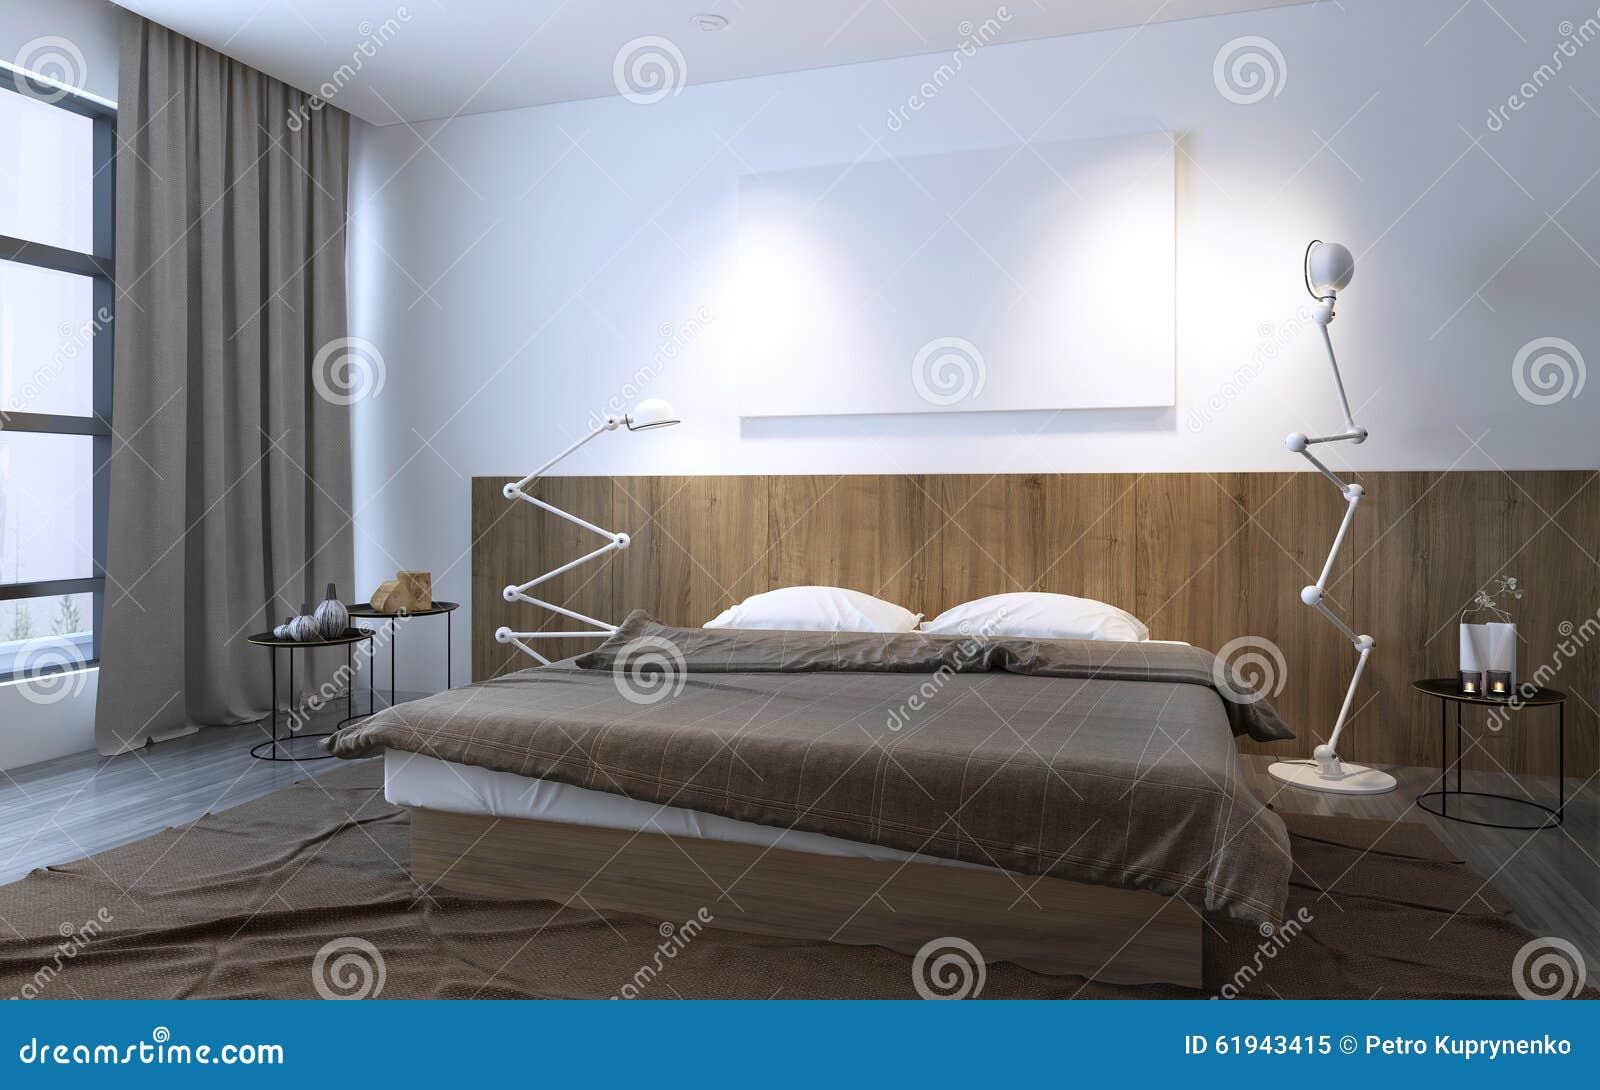 Slaapkamer Muur Kleur : Minimalistische slaapkamer in bruine kleur met ...